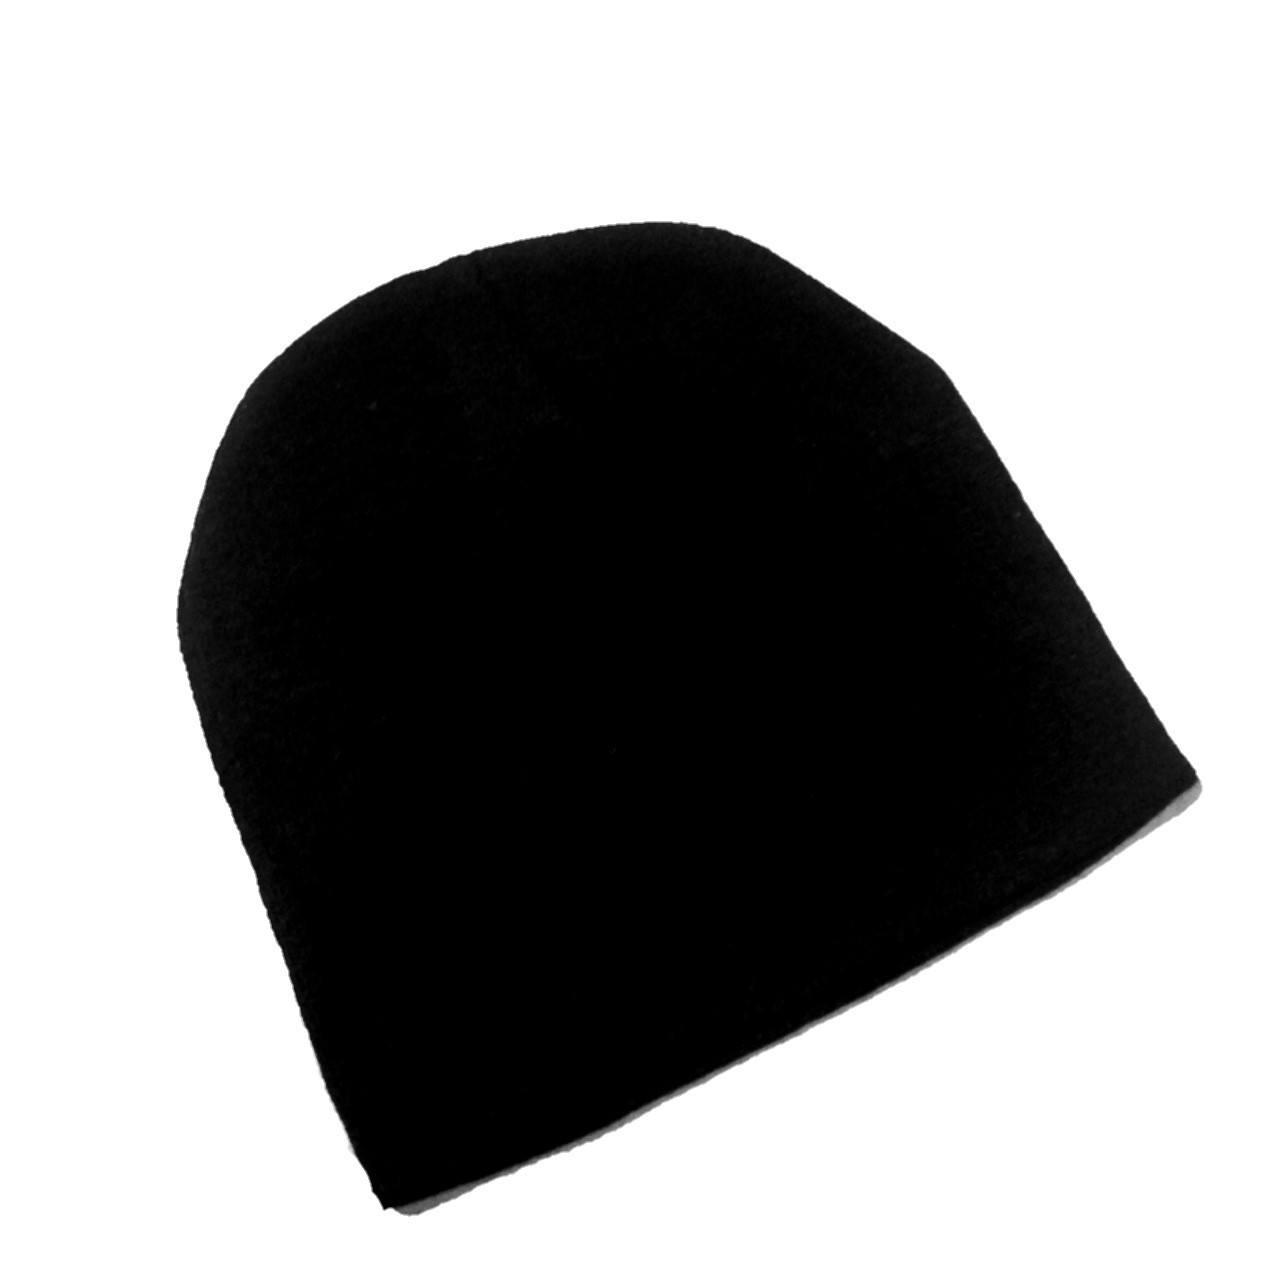 Gorro de lã unissex  liso preto